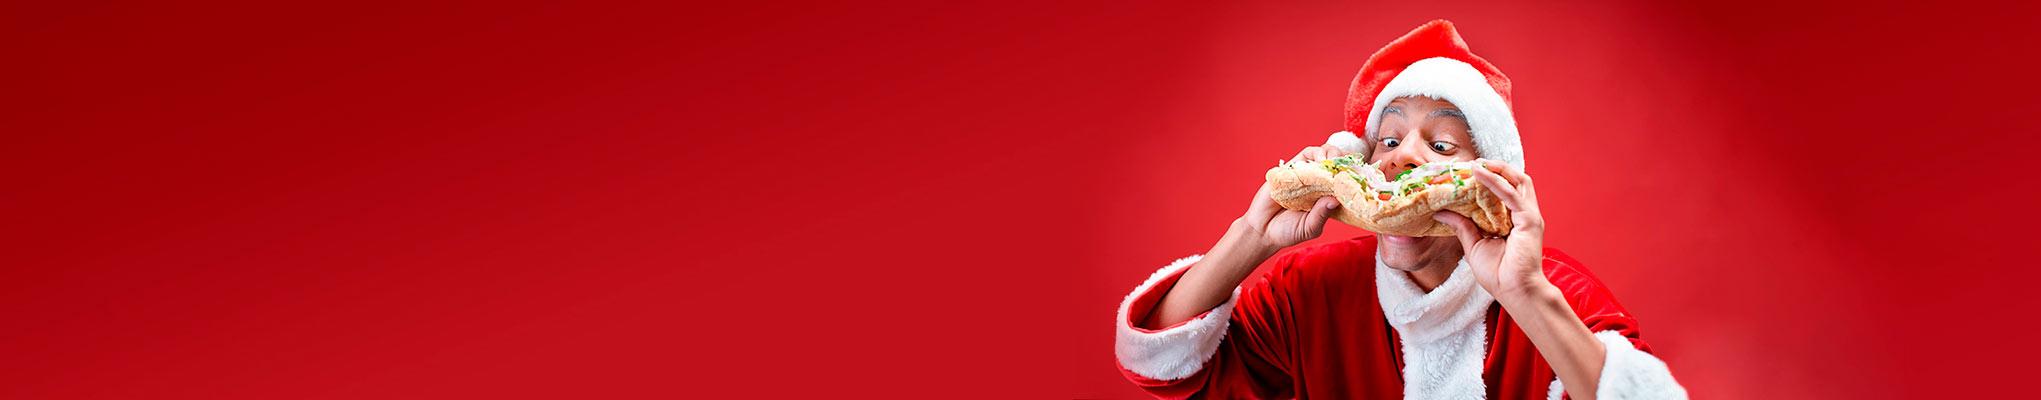 Un gustoso decalogo di Natale per districarsi tra lipidi e zuccheri